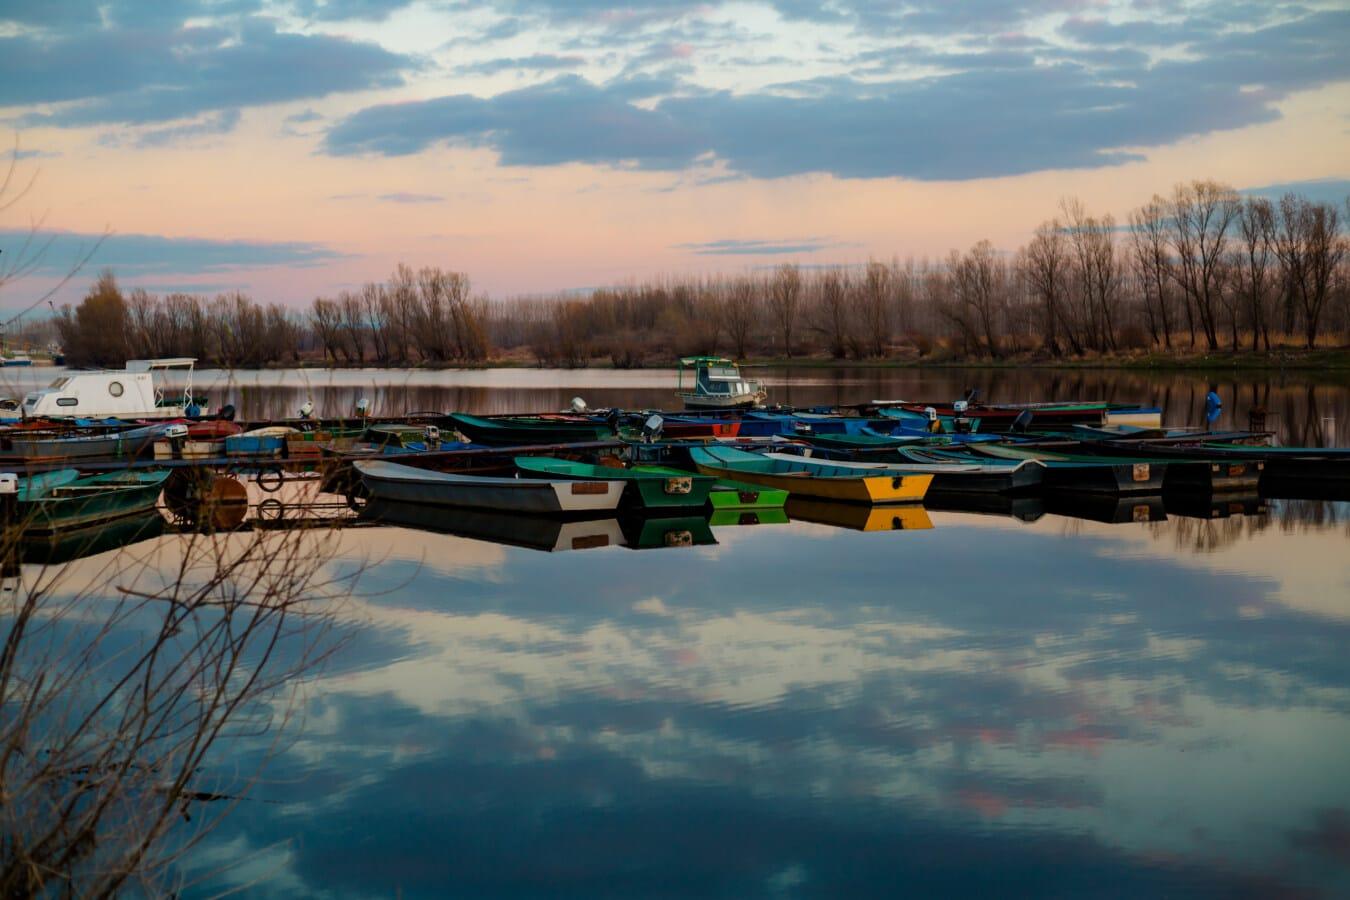 aube, bateaux, port, eau, réflexion, Lac, bateau, kayak, rivière, coucher de soleil